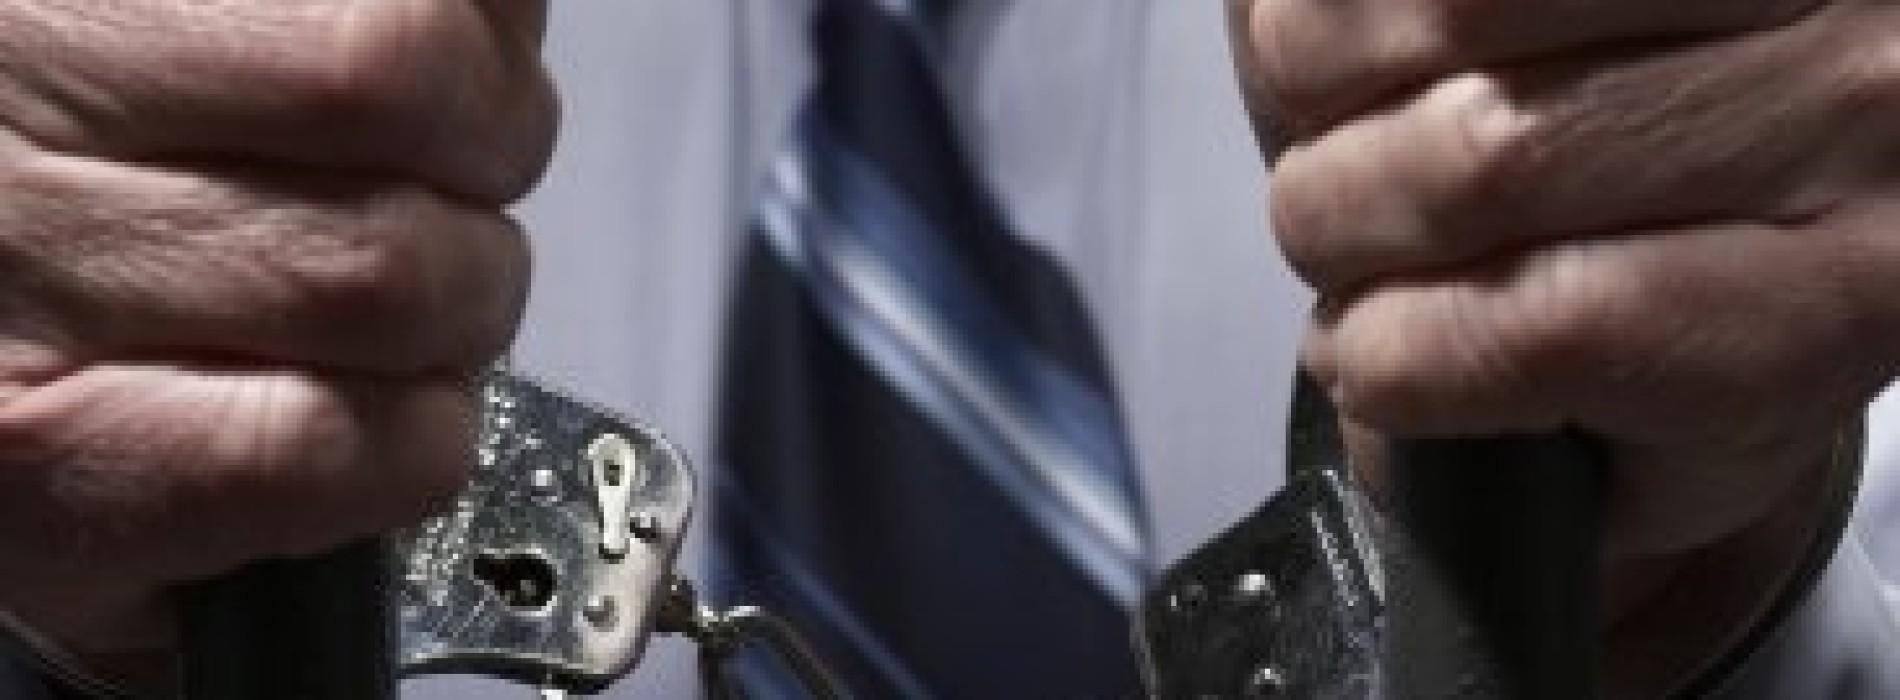 Десять лет колонии получил экс-глава ревизионной комиссии Минфина в Караганде